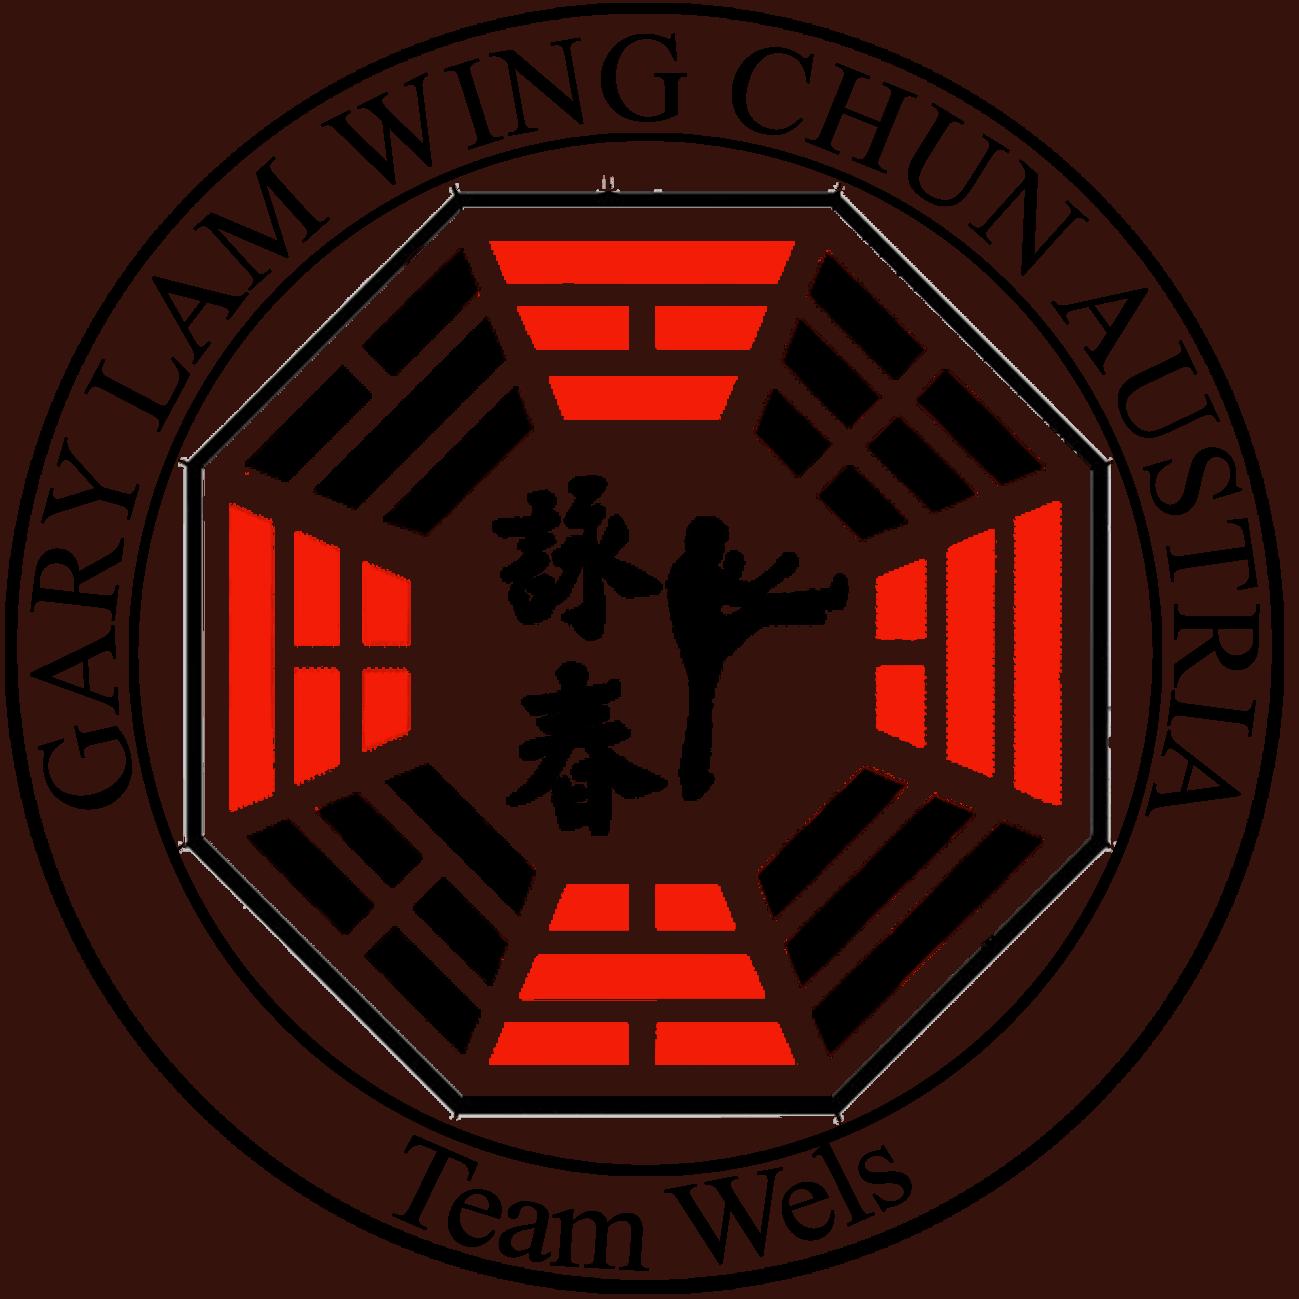 GARY LAM WING CHUN WELS